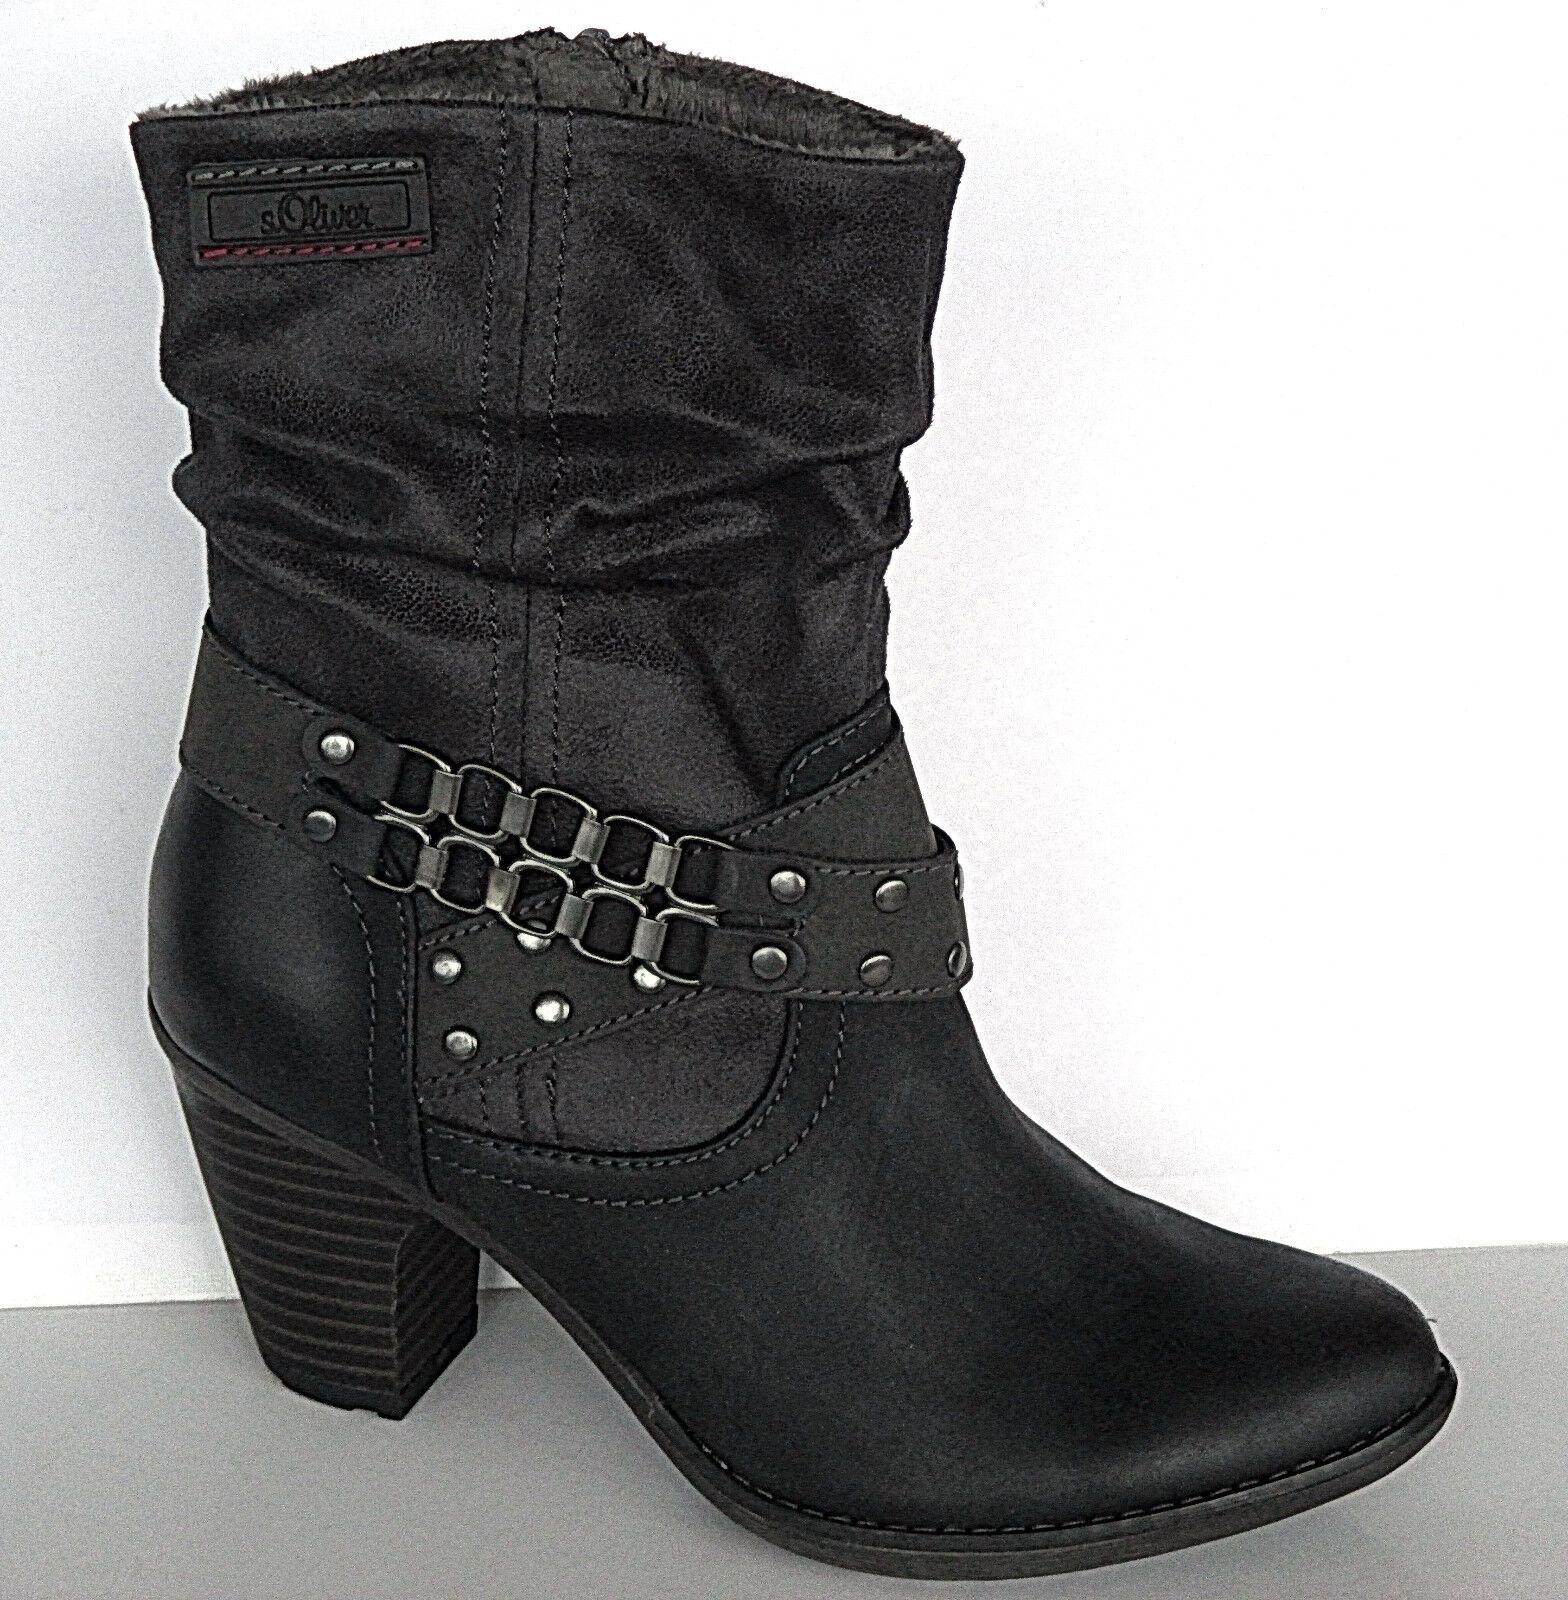 S oliver  Schuhe Damen Schuhe Stiefelette, Gr. 36-41, 5-25361-29  +++NEU+++